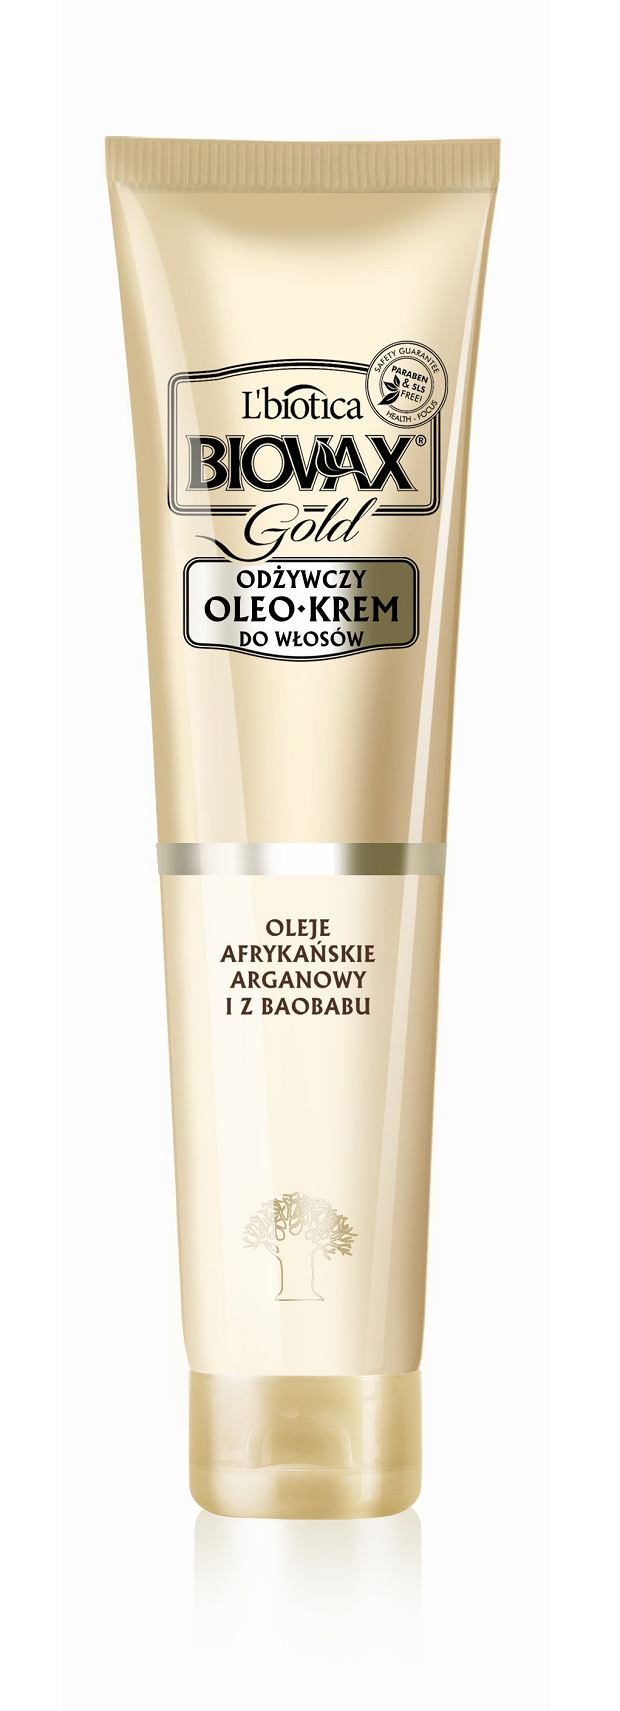 Złoto 24k & Olej Arganowy i Baobabu